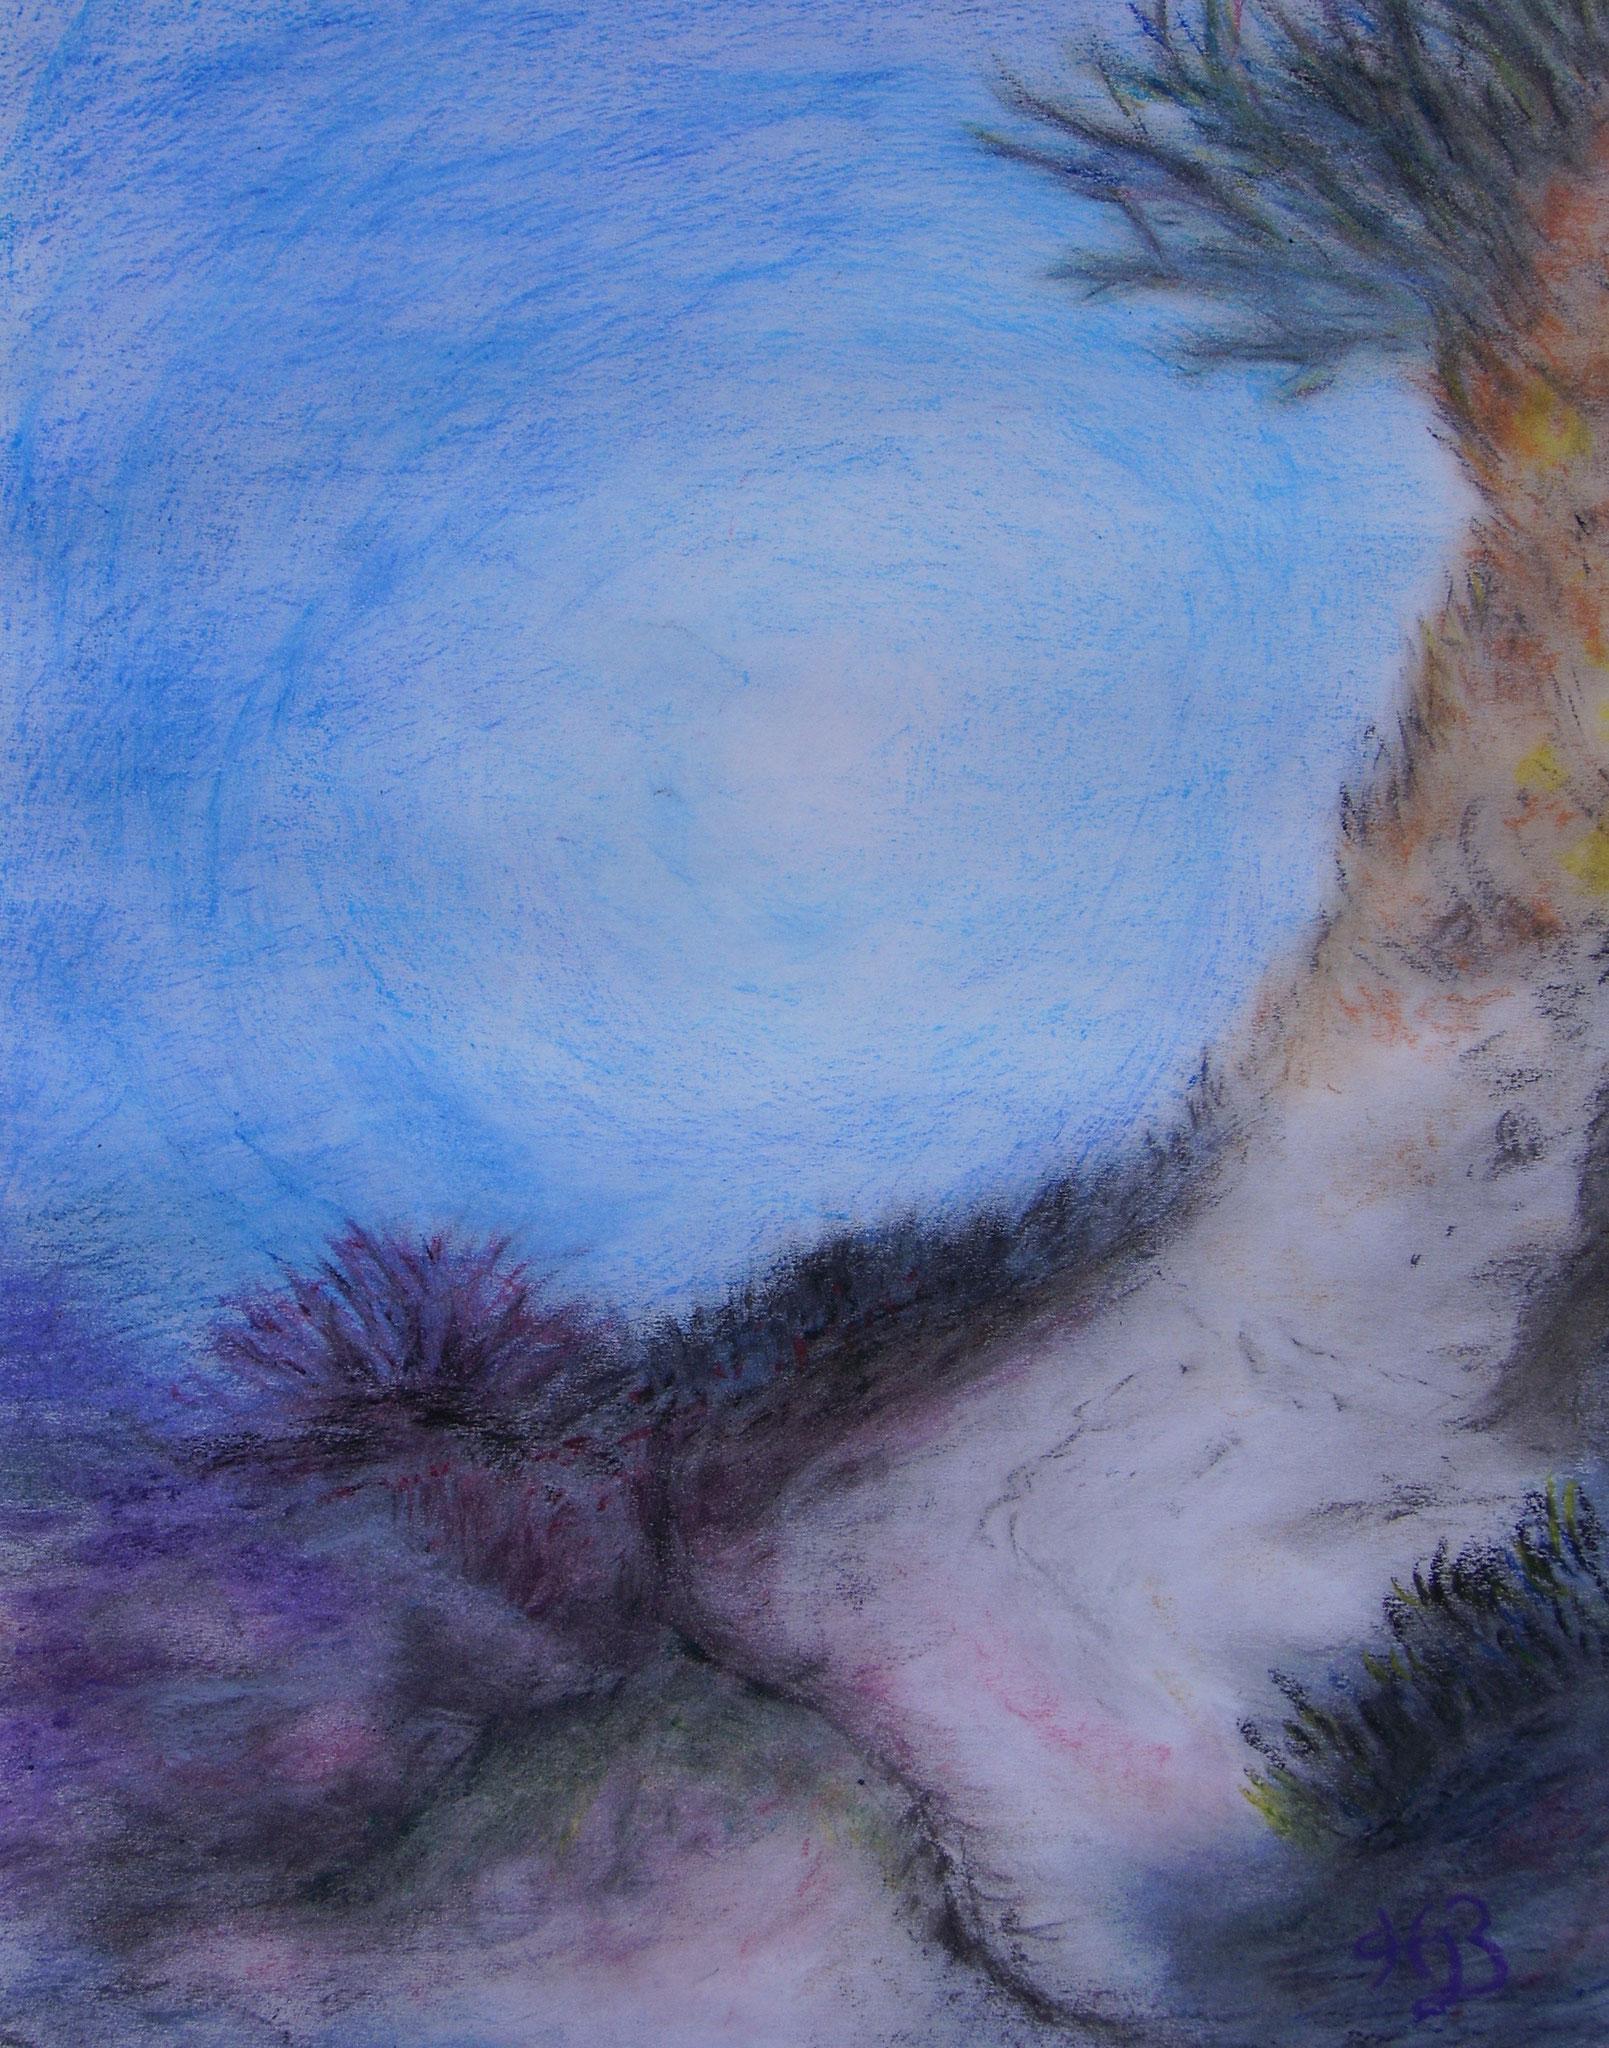 Landschaft unter Wasser, 2006, Pastellkreide, 30 x 40 cm